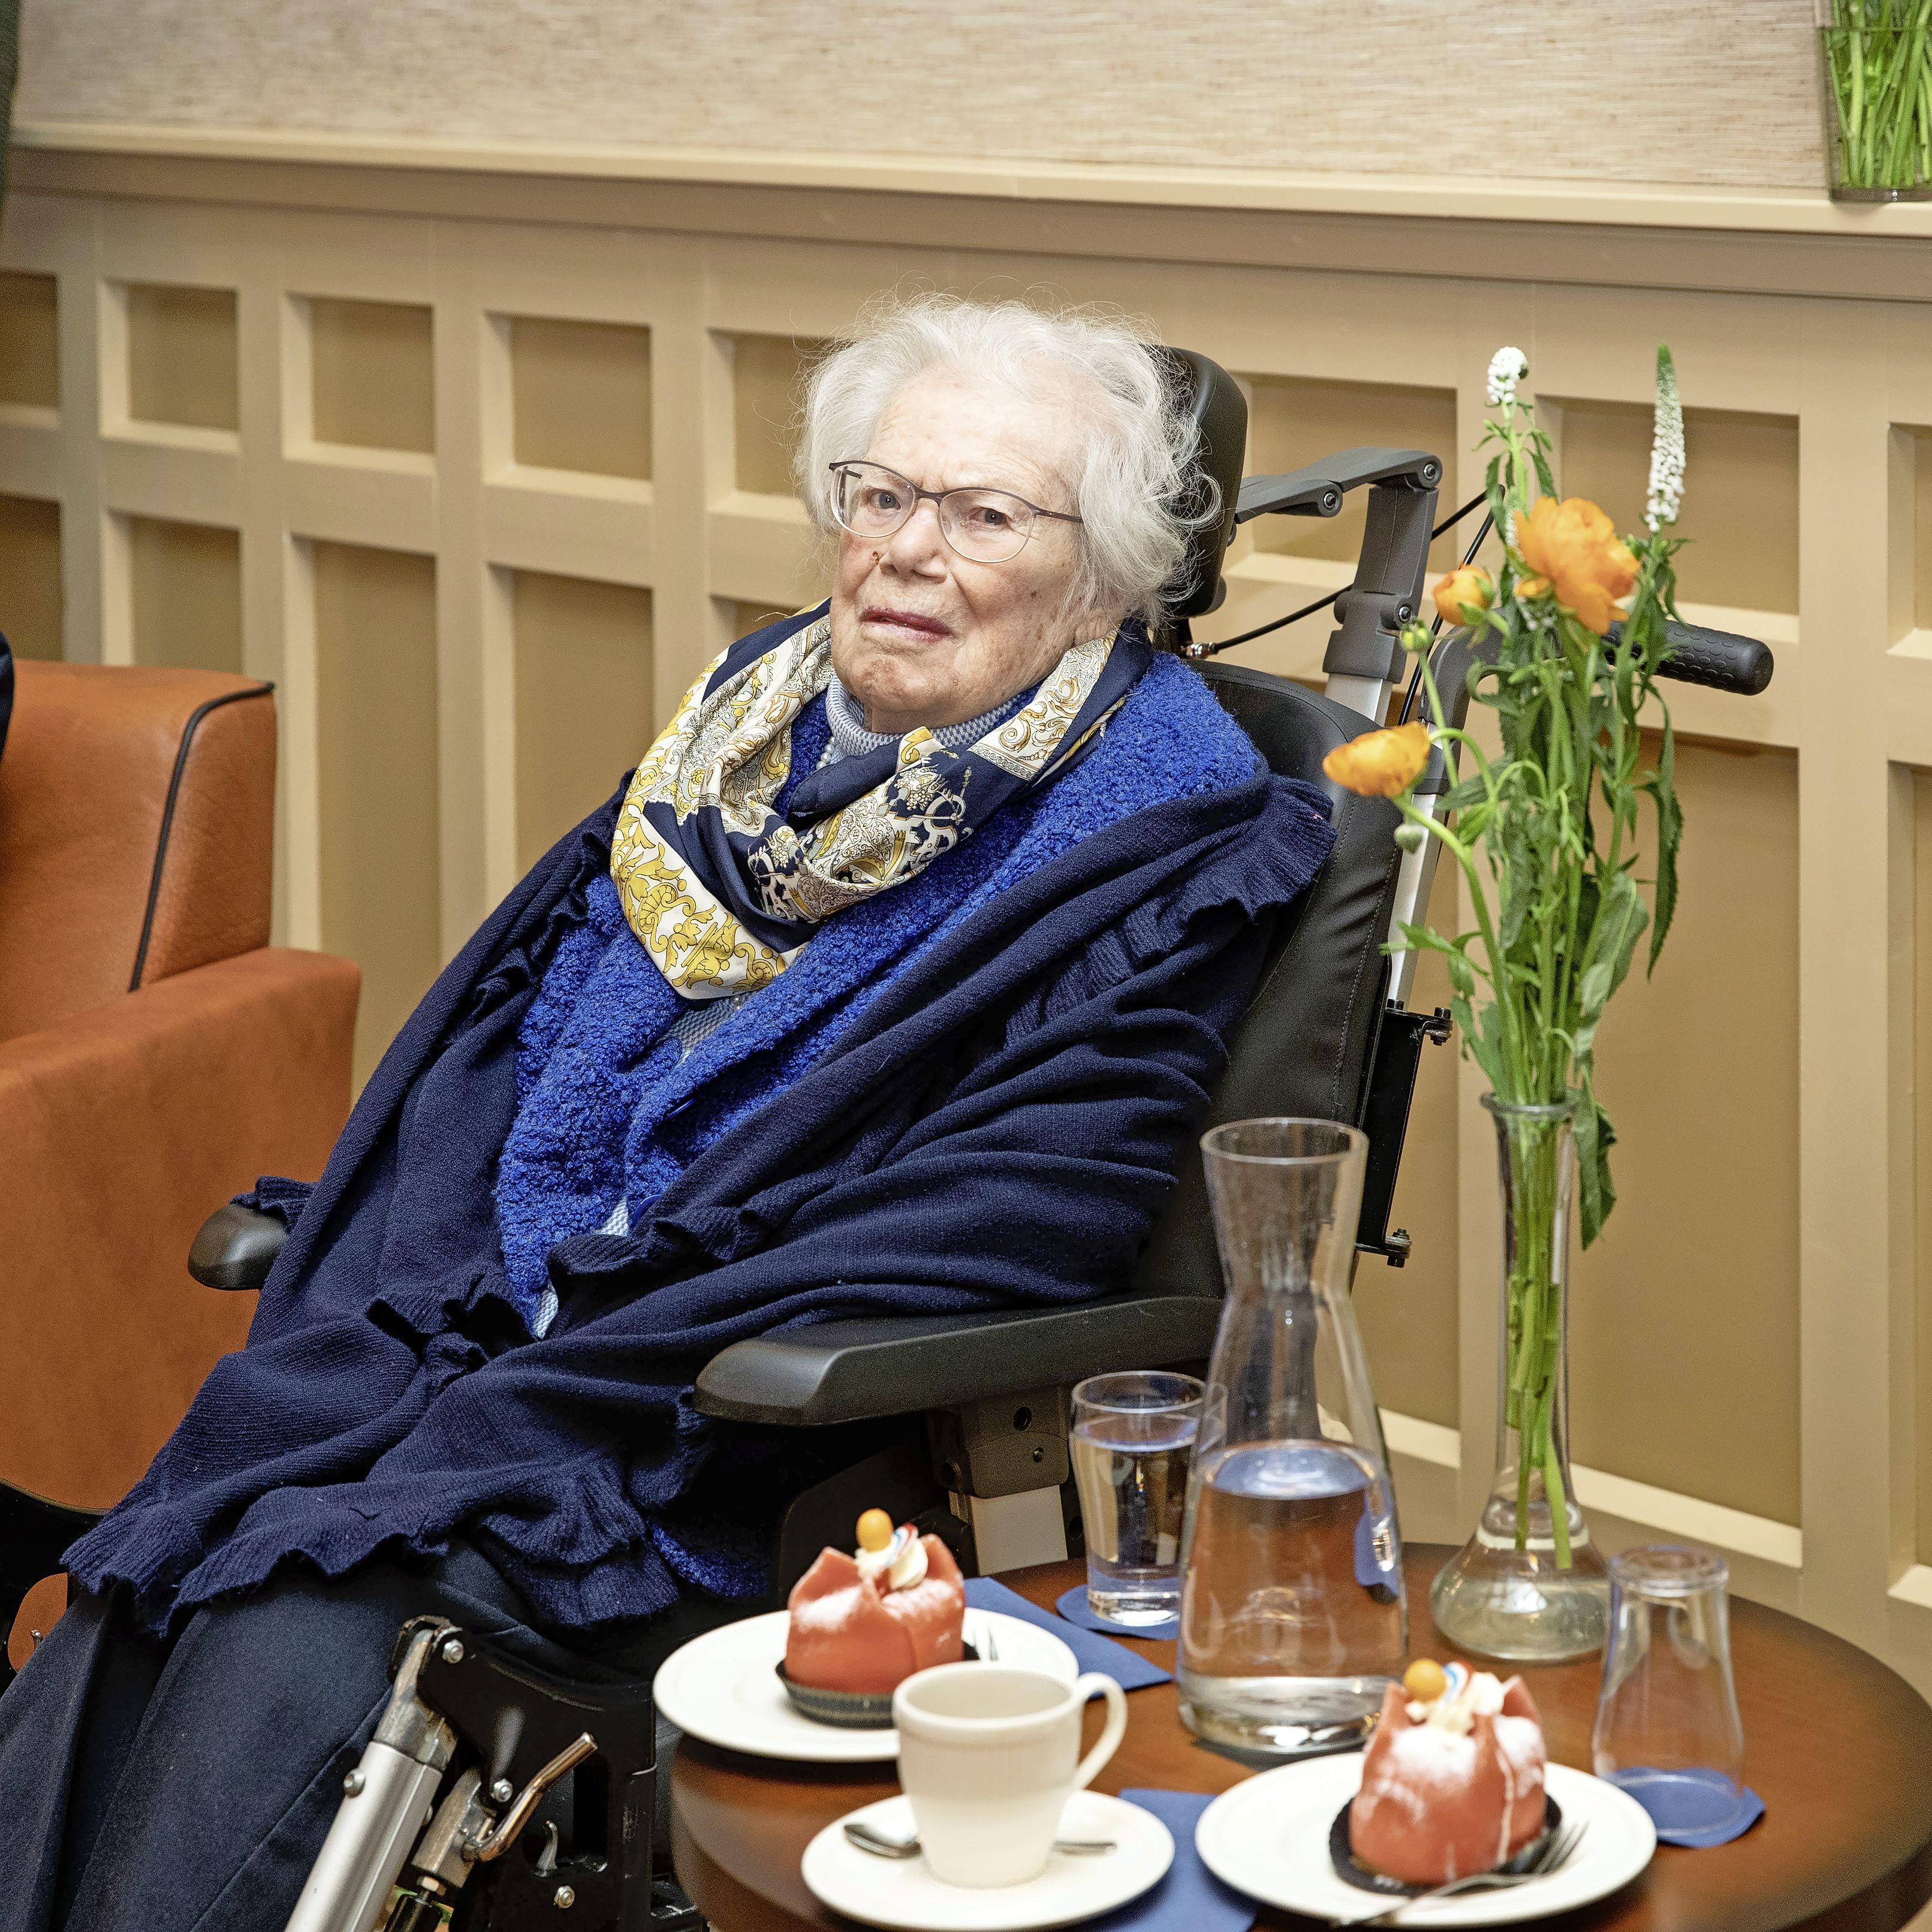 Koninklijke onderscheiding voor Baarnse verzetsstrijdster Willemijn Petroff-van Gurp (102): 'Hoe meer je van iemand weet, hoe meer je kunt begrijpen en hoe meer je kunt vergeven'